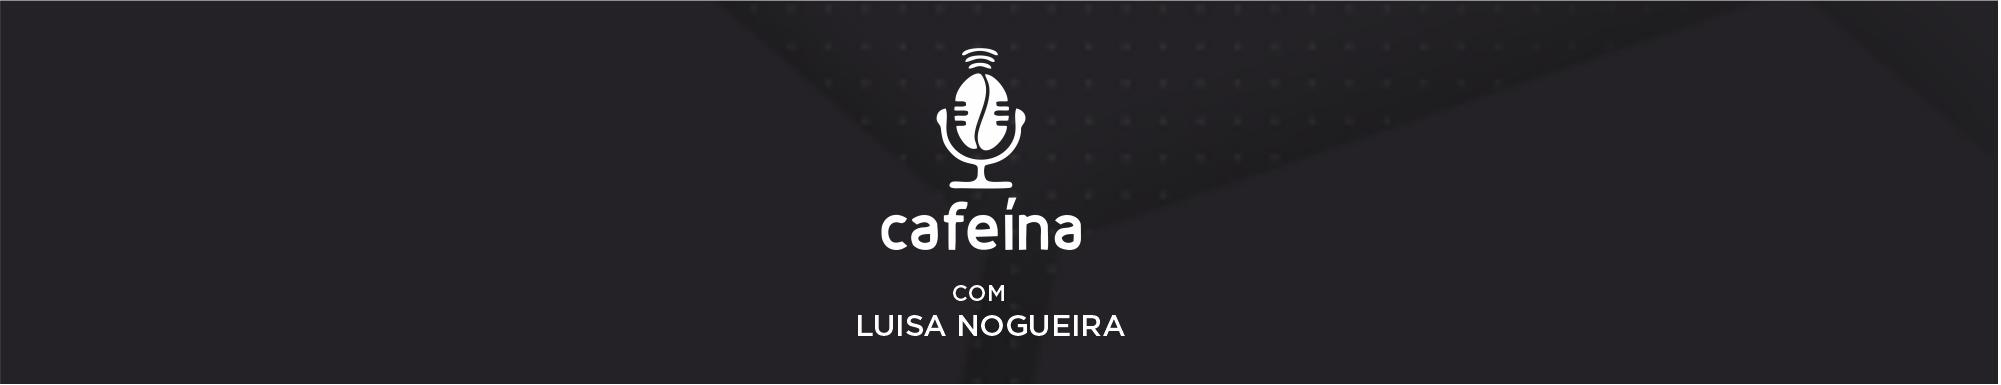 Podcast Cafeína